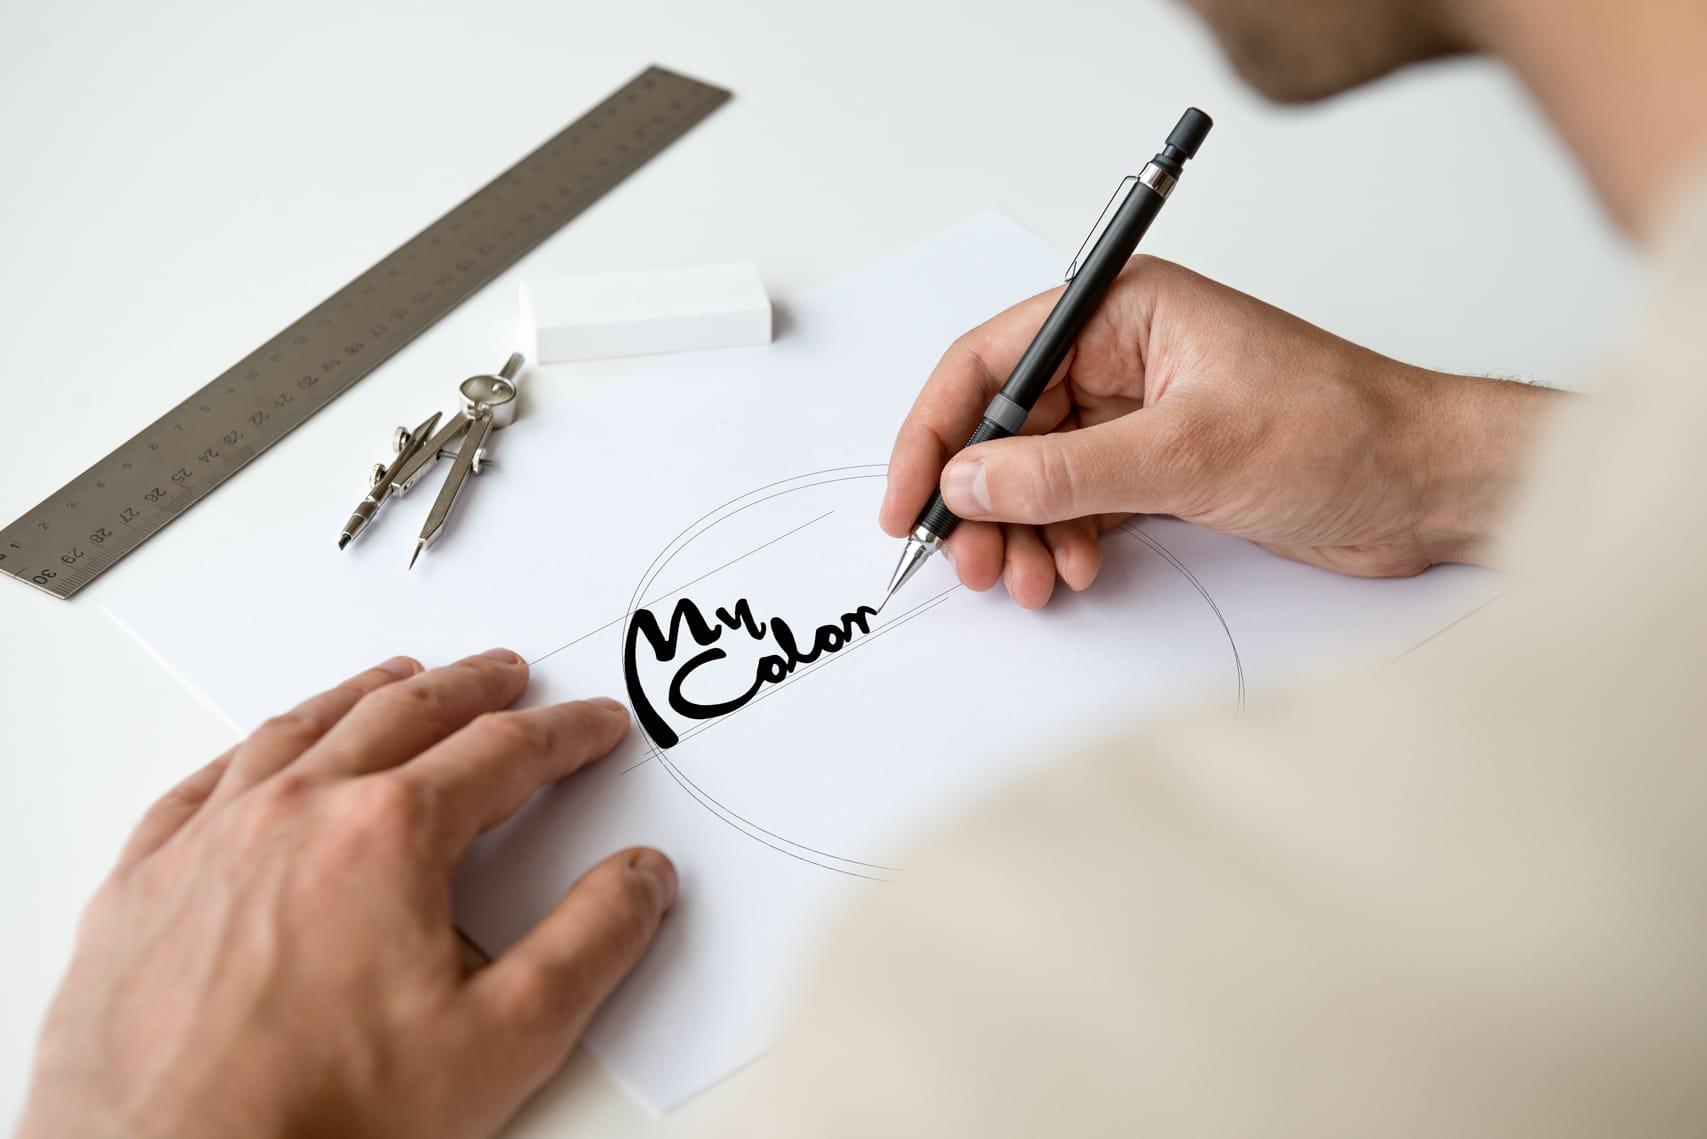 Projektowanie logo marki MyColor dla firmy Pronox Technology S.A. tworzenie logo Agencja brandingowa Moweli Creative, Dąbrowa Górnicza, Sosnowiec, Katowice, Warszawa, Wrocław, Kraków, Gdańsk